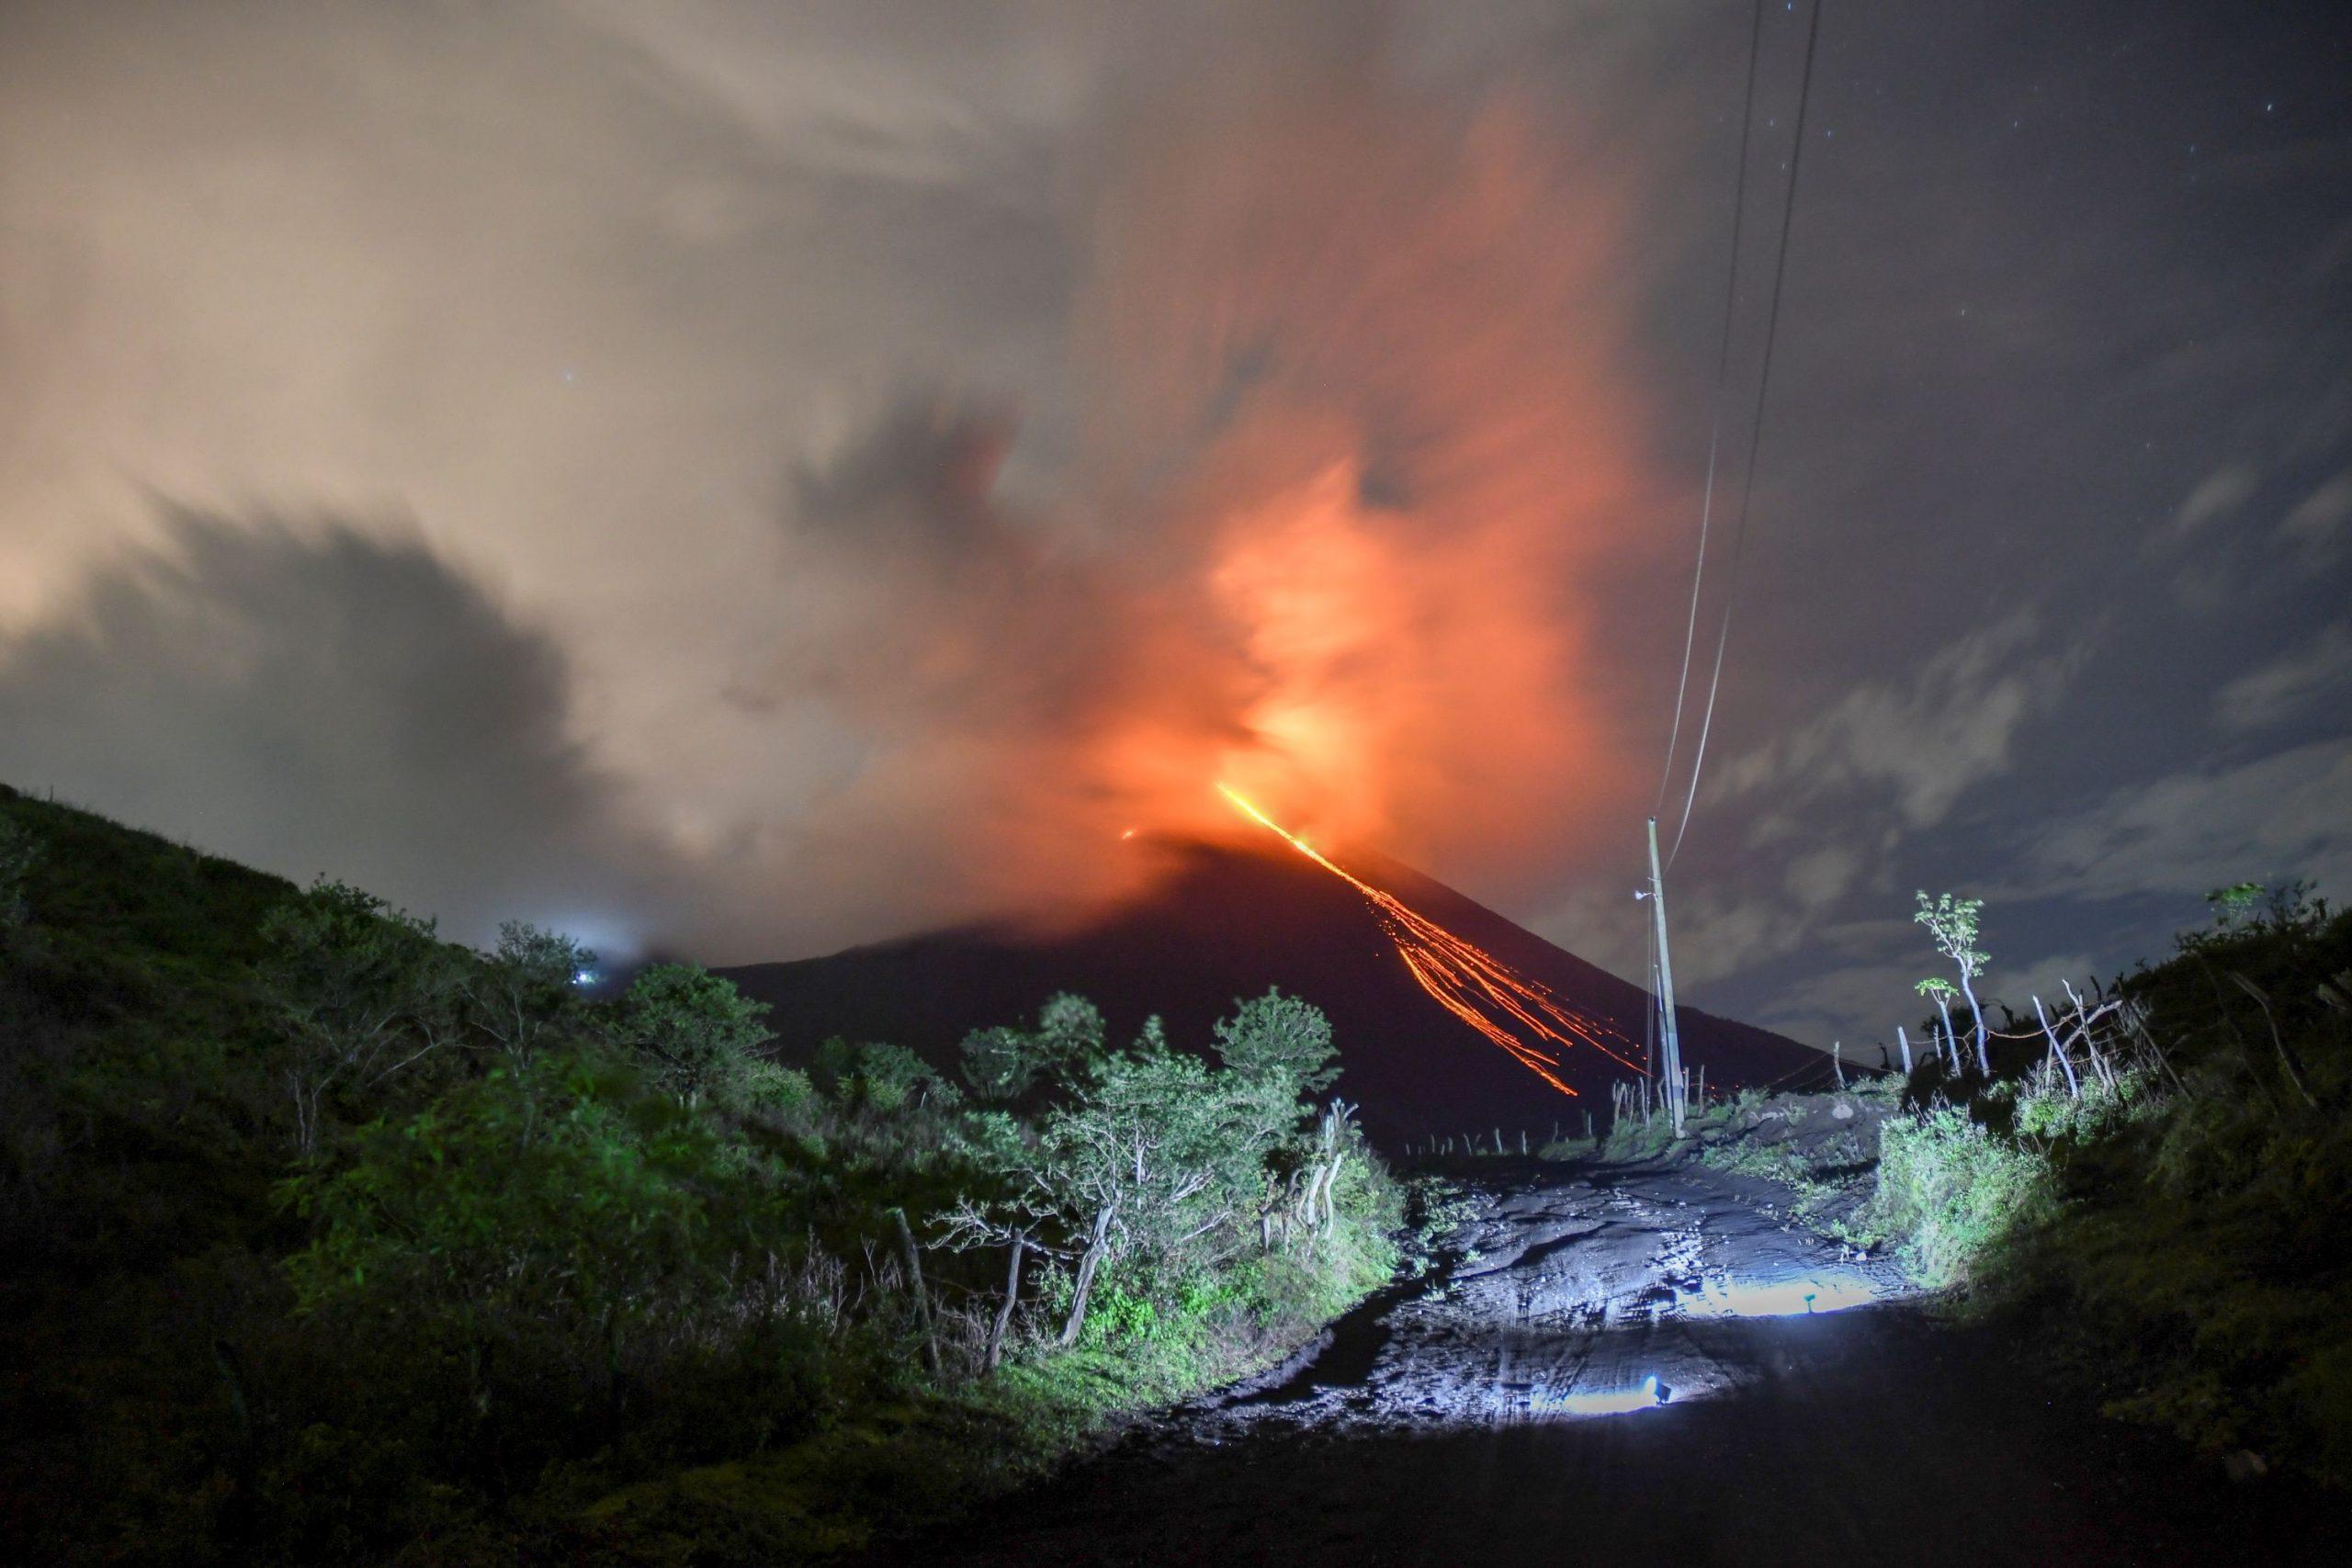 من ثوران بركان ميرابي اليوم - ا ف ب